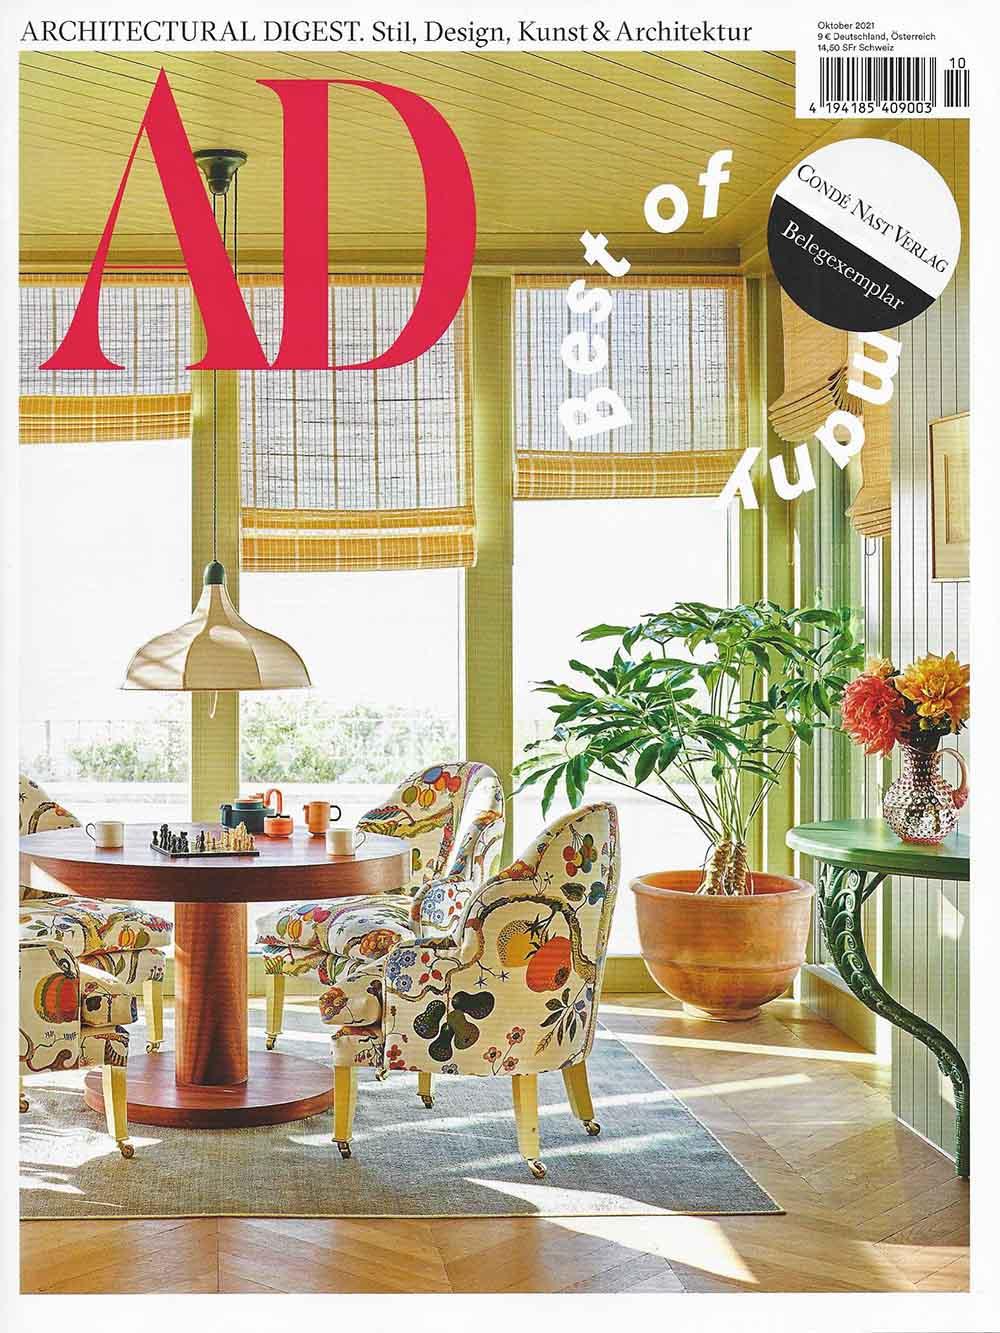 ELOA – Unique Lights im AD Magazine Ausgabe 10/21 als Teil des Kollektivs Matter of Course bestehend aus 11 Designerinnen, welche mit Designobjekten luxuriöse Installationen zwischen Kunst und Design konzipieren